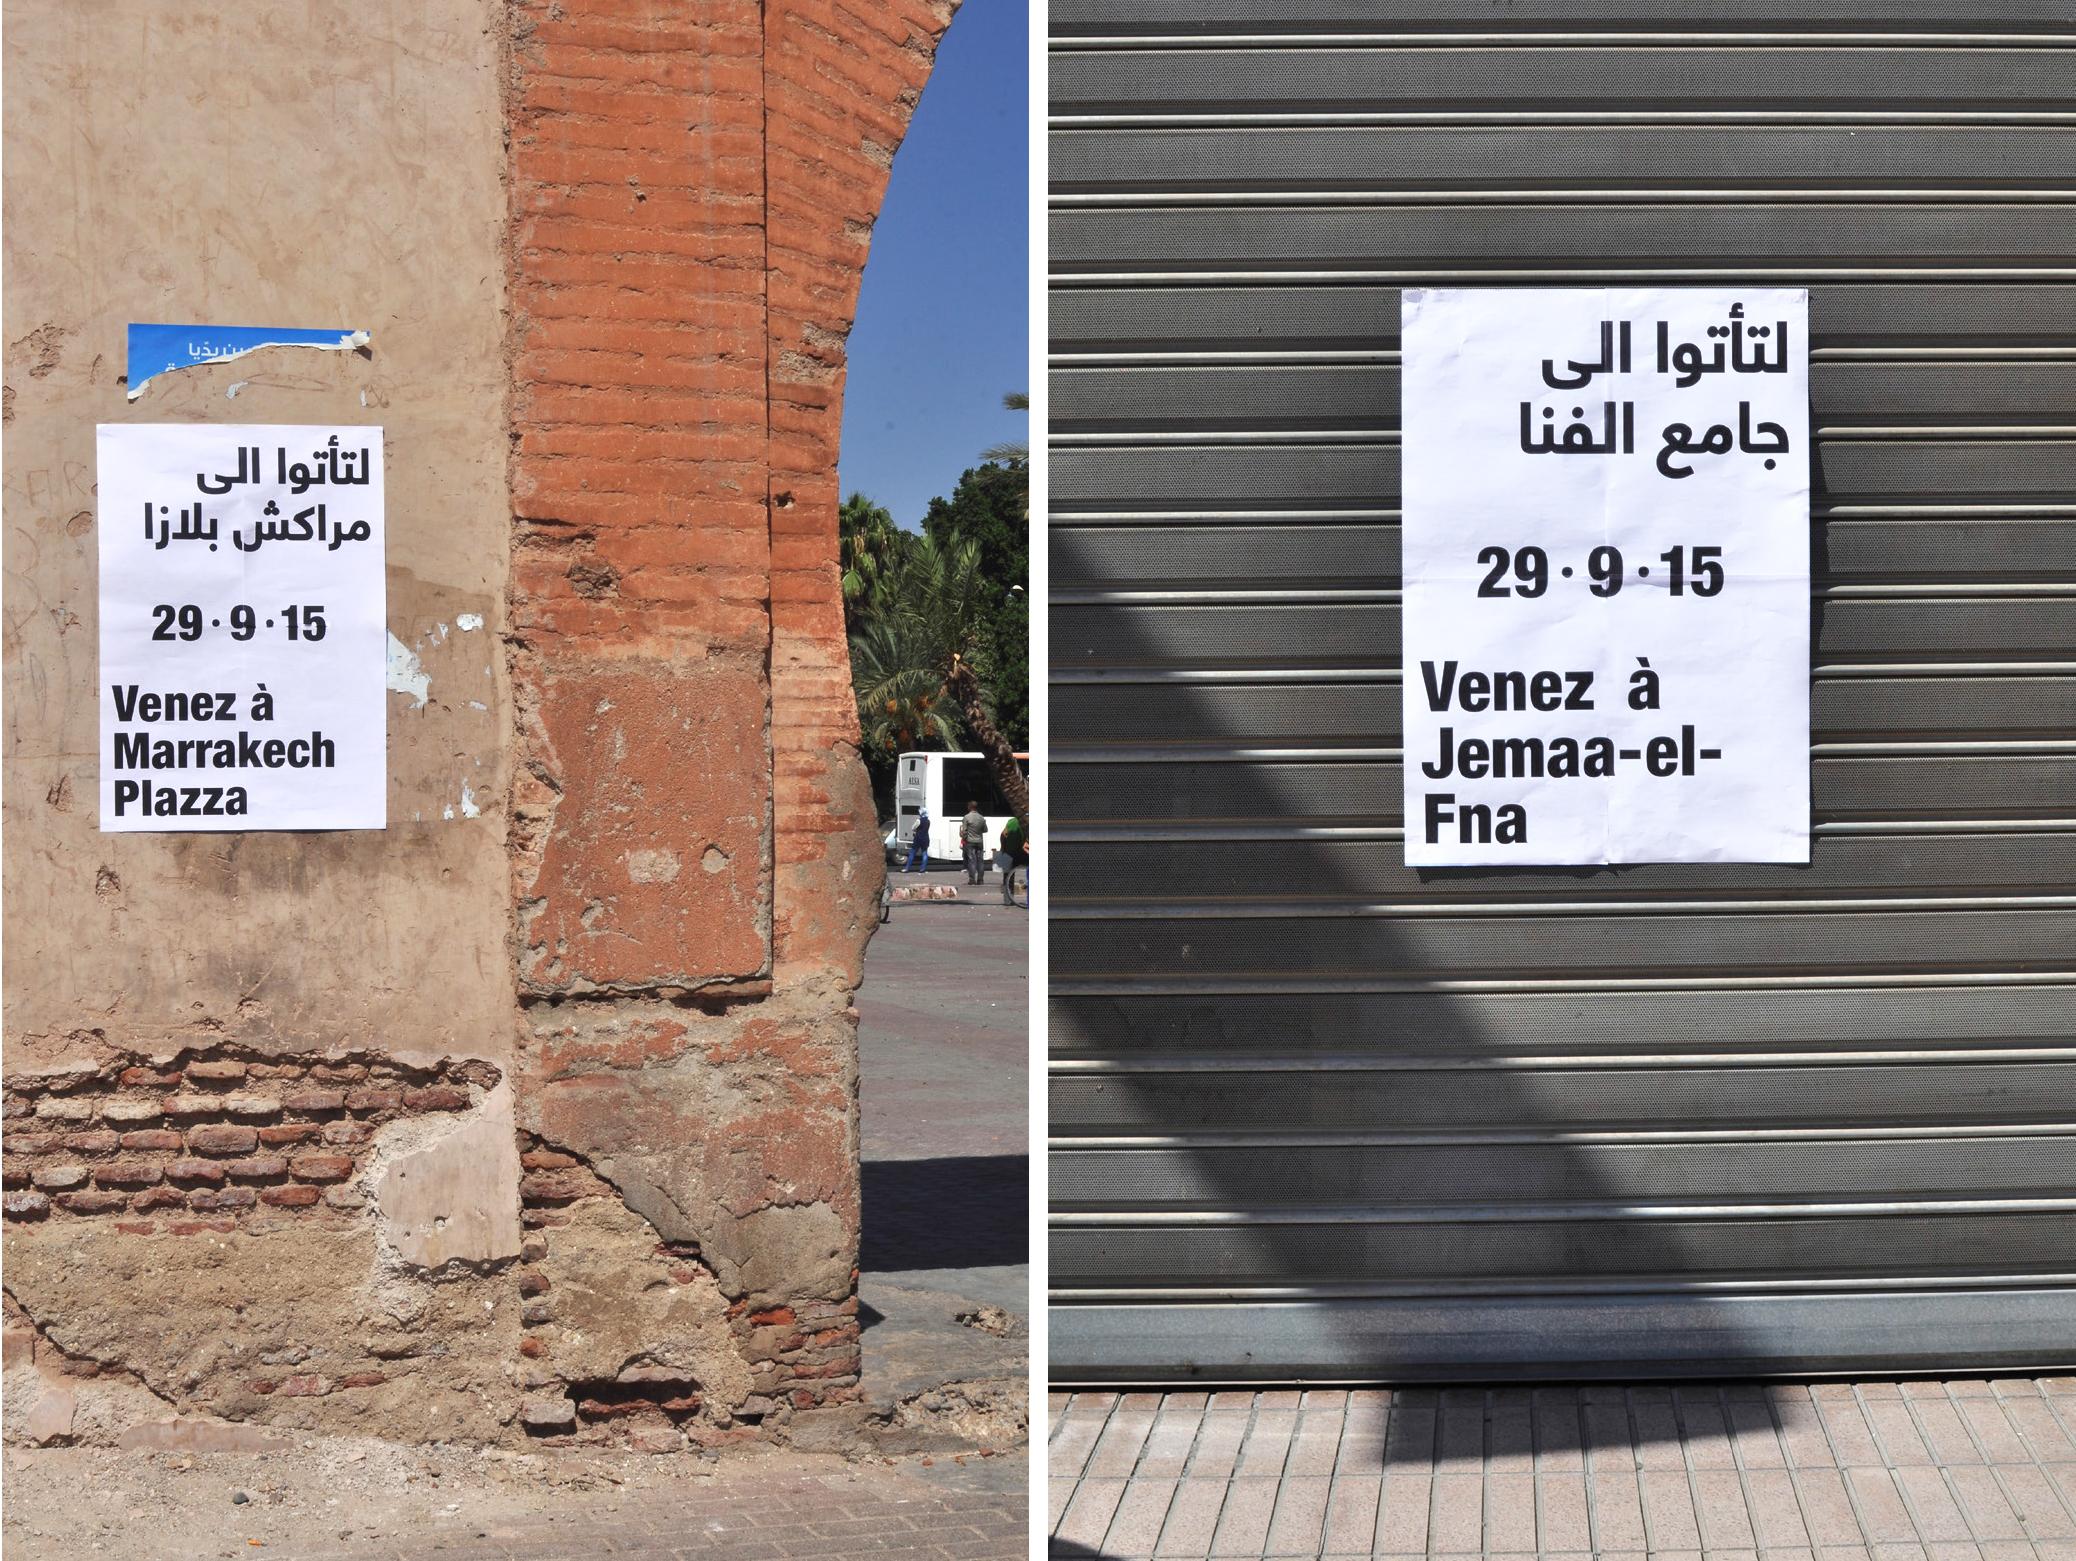 Projects_for_Marrakesh_Joana_Kelen1.jpg